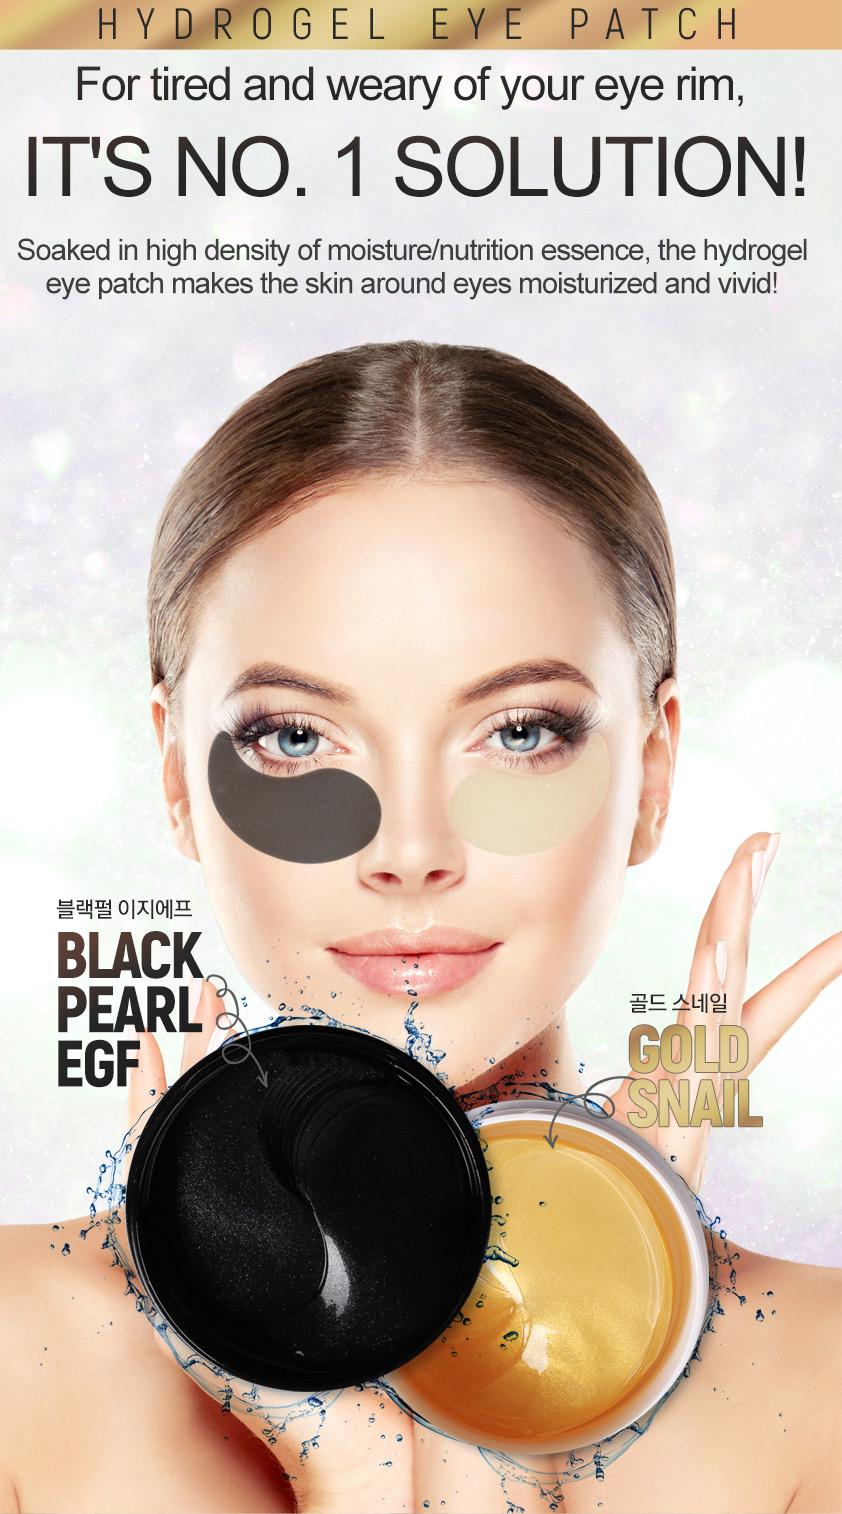 aomi-gold-snail-hydrogel-eye-patch-tab2